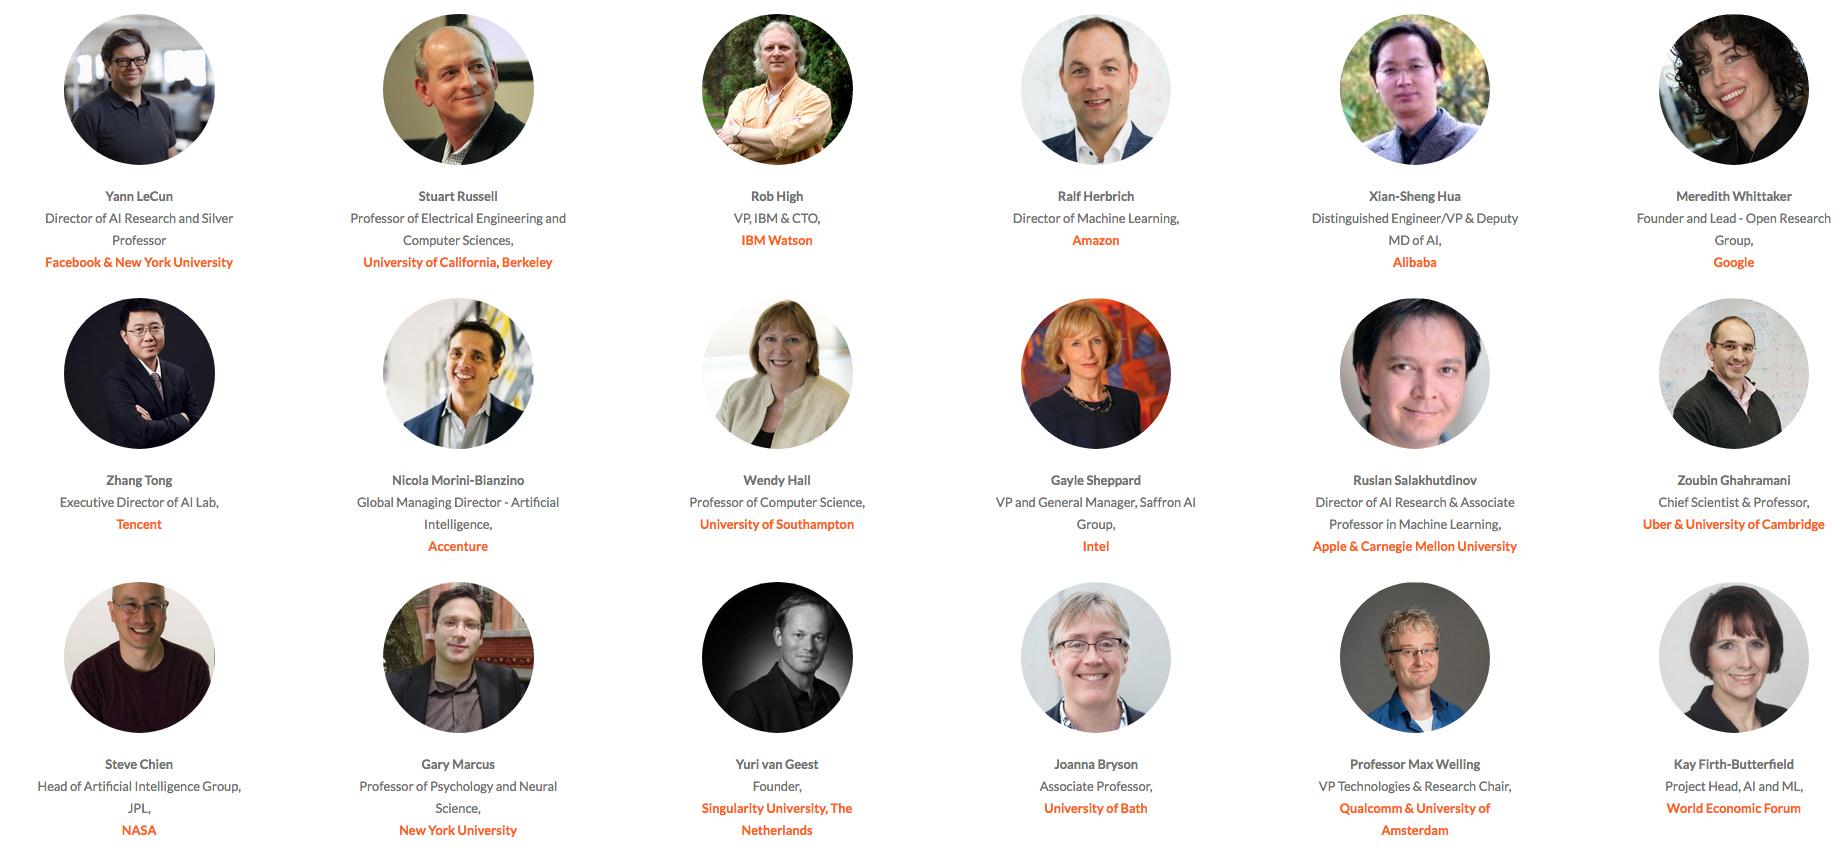 World Summit AI, Amsterdam, Oct 11–12, 2017